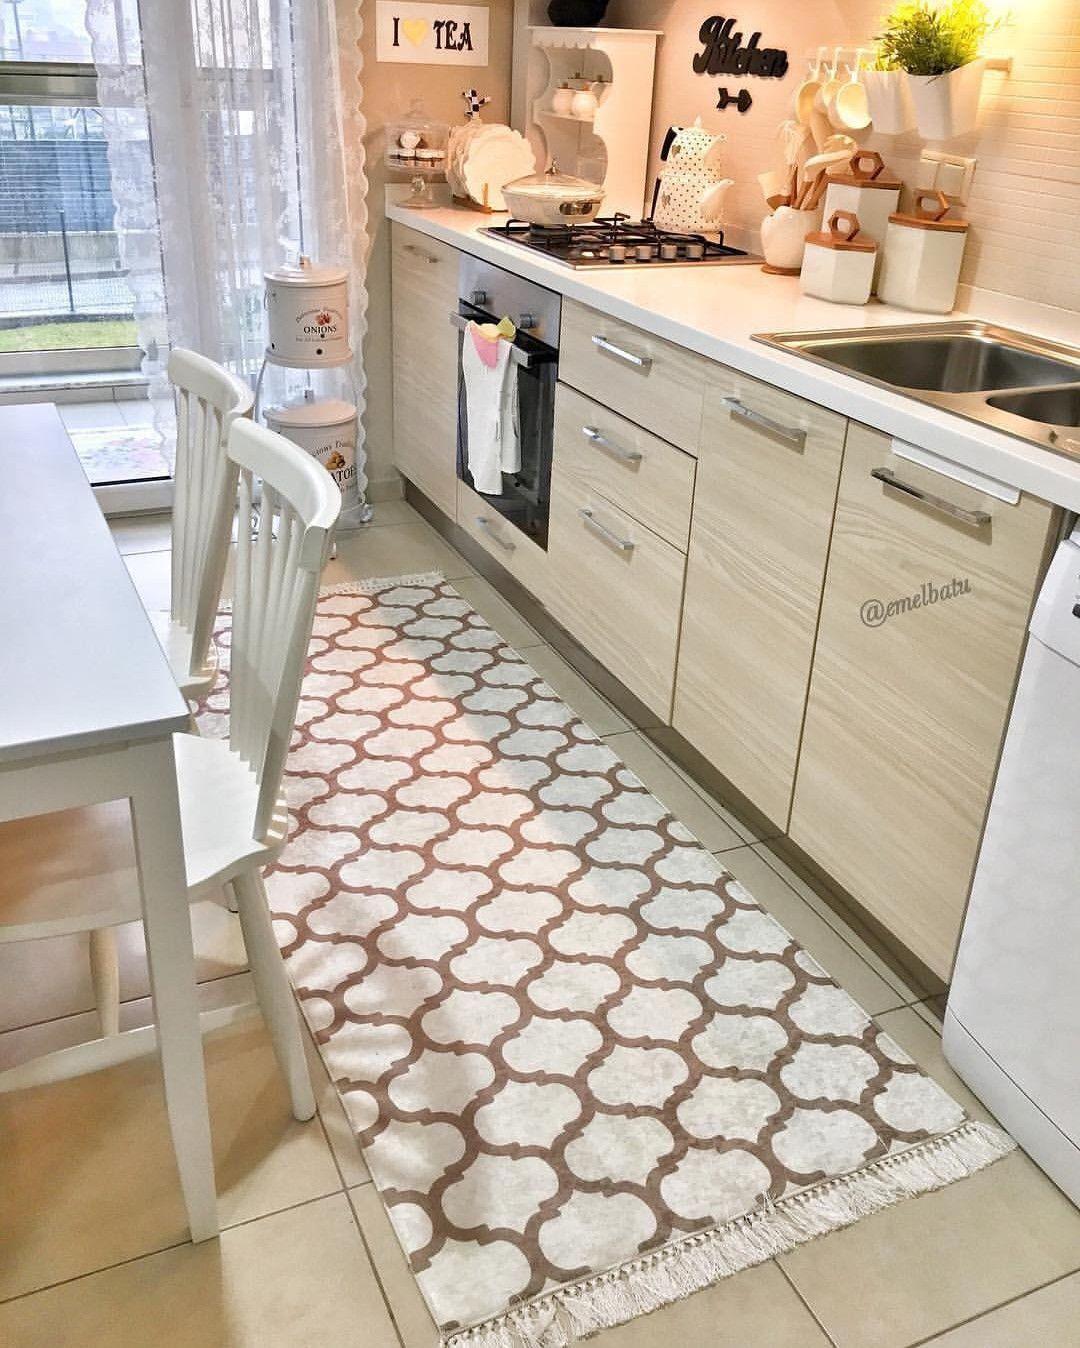 اثاث اثاث مودرن اثاث ايكيا أثاث منزلي اثاثكم ديكورات خارجية ديكورات ديكور ديكورات د Home Decor Kitchen Kitchen Cabinet Remodel Kitchen Interior